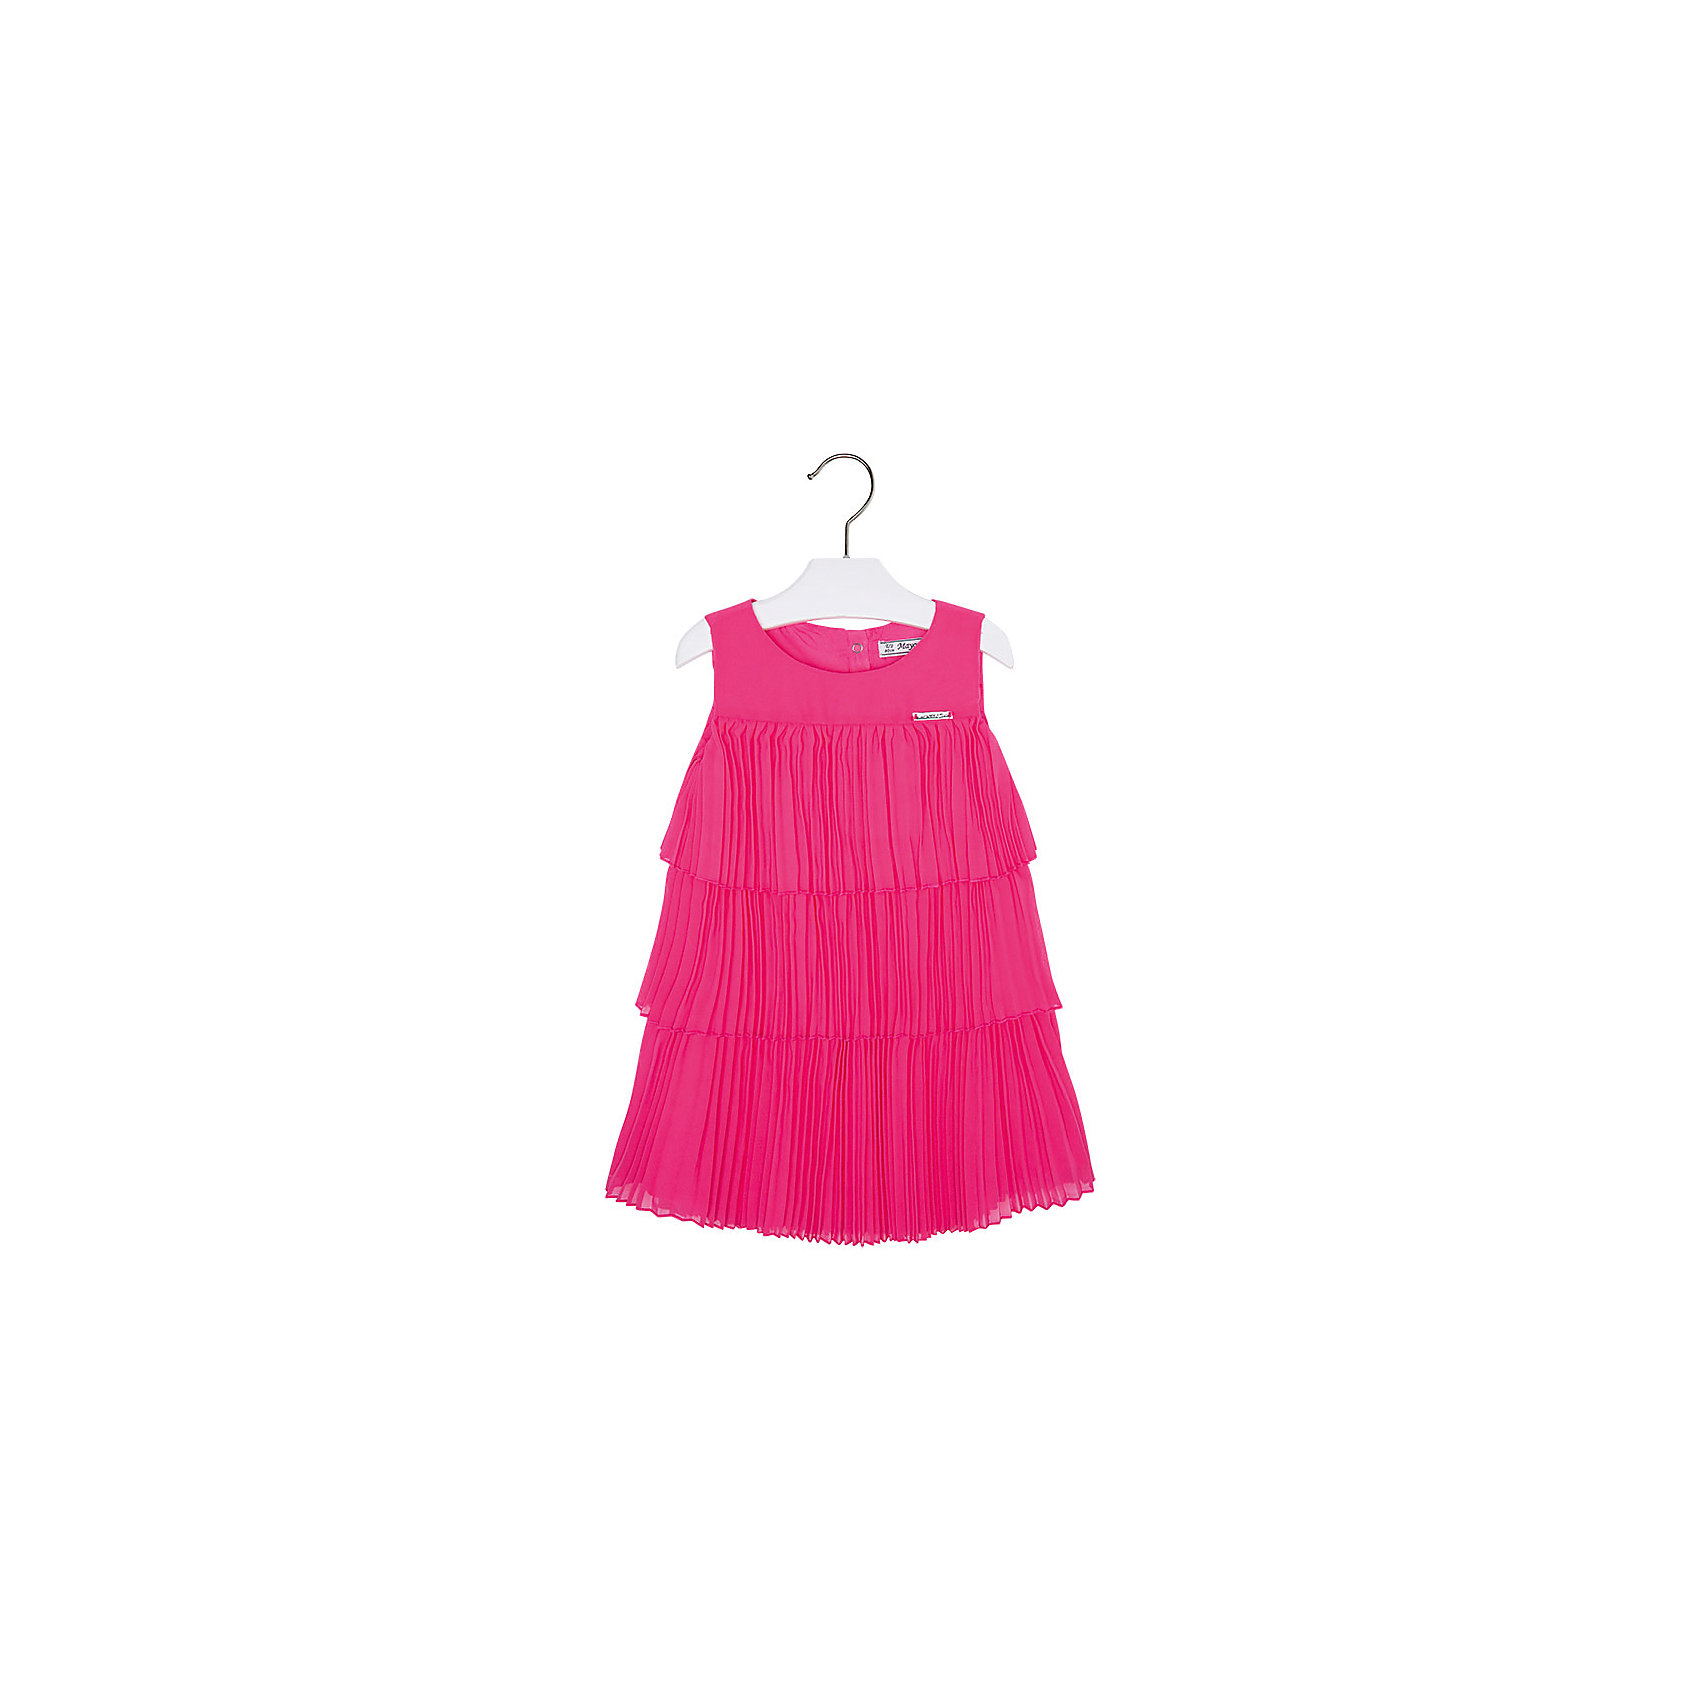 Платье для девочки MayoralПлатье для девочки от известной испанской марки Mayoral <br><br>Очень красивое платье от Mayoral отлично смотрится на любой маленькой принцессе! Выглядит нарядно и оригинально. Модель выполнена из качественных материалов, отлично сидит по фигуре.<br><br>Особенности модели:<br><br>- цвет: розовый;<br>- силуэт - многоярусный;<br>- сзади молния.<br><br>Дополнительная информация:<br><br>Состав: 100% полиэстер<br><br>Платье для девочки Mayoral (Майорал) можно купить в нашем магазине.<br><br>Ширина мм: 236<br>Глубина мм: 16<br>Высота мм: 184<br>Вес г: 177<br>Цвет: розовый<br>Возраст от месяцев: 24<br>Возраст до месяцев: 36<br>Пол: Женский<br>Возраст: Детский<br>Размер: 98,122,104,128,110,116,134<br>SKU: 4543189